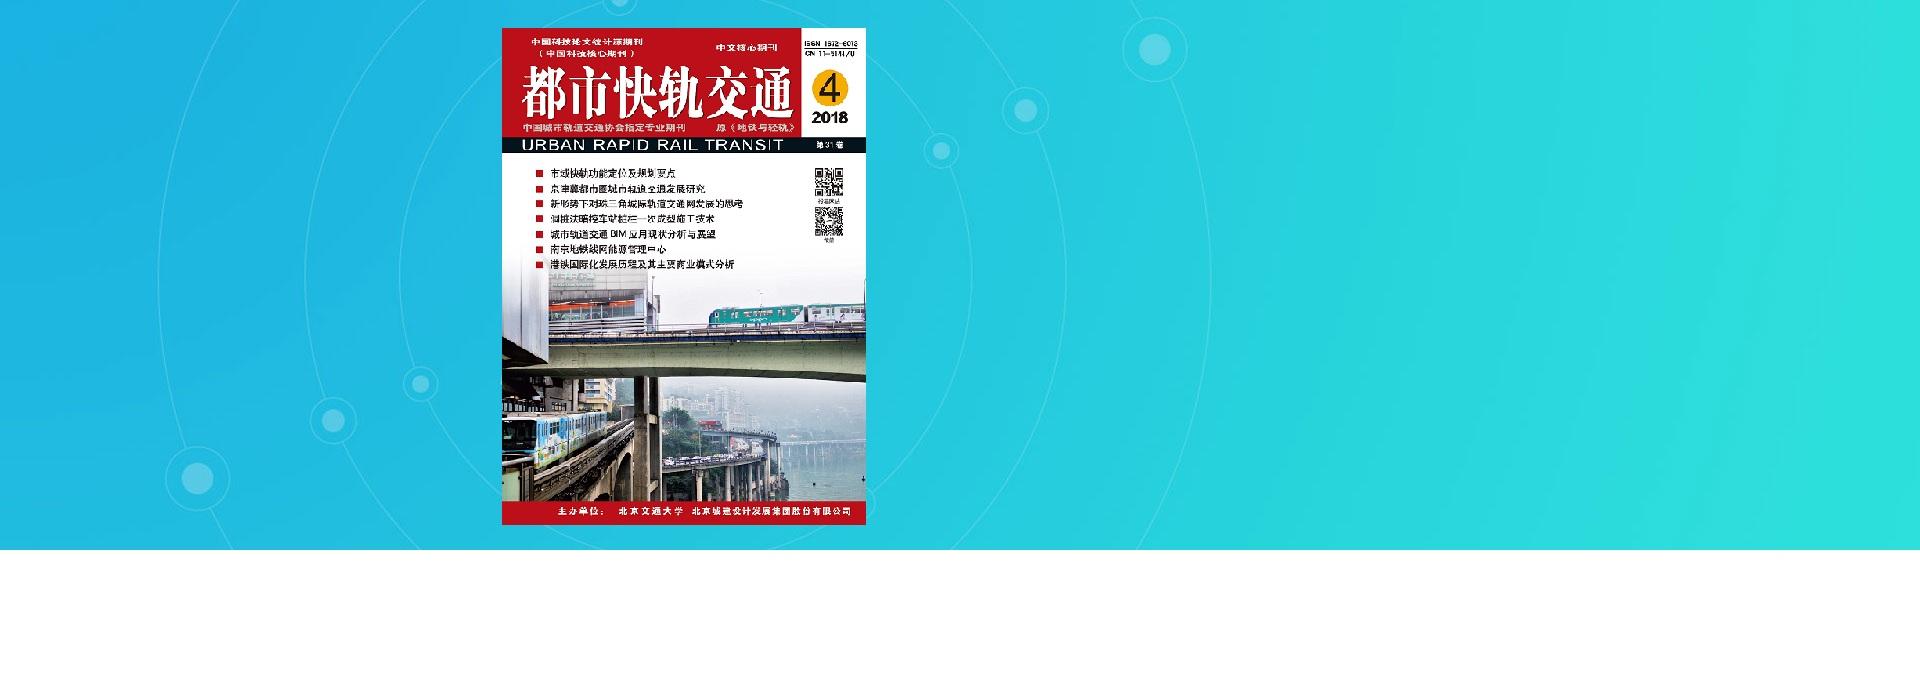 《都市快轨交通》官方网站